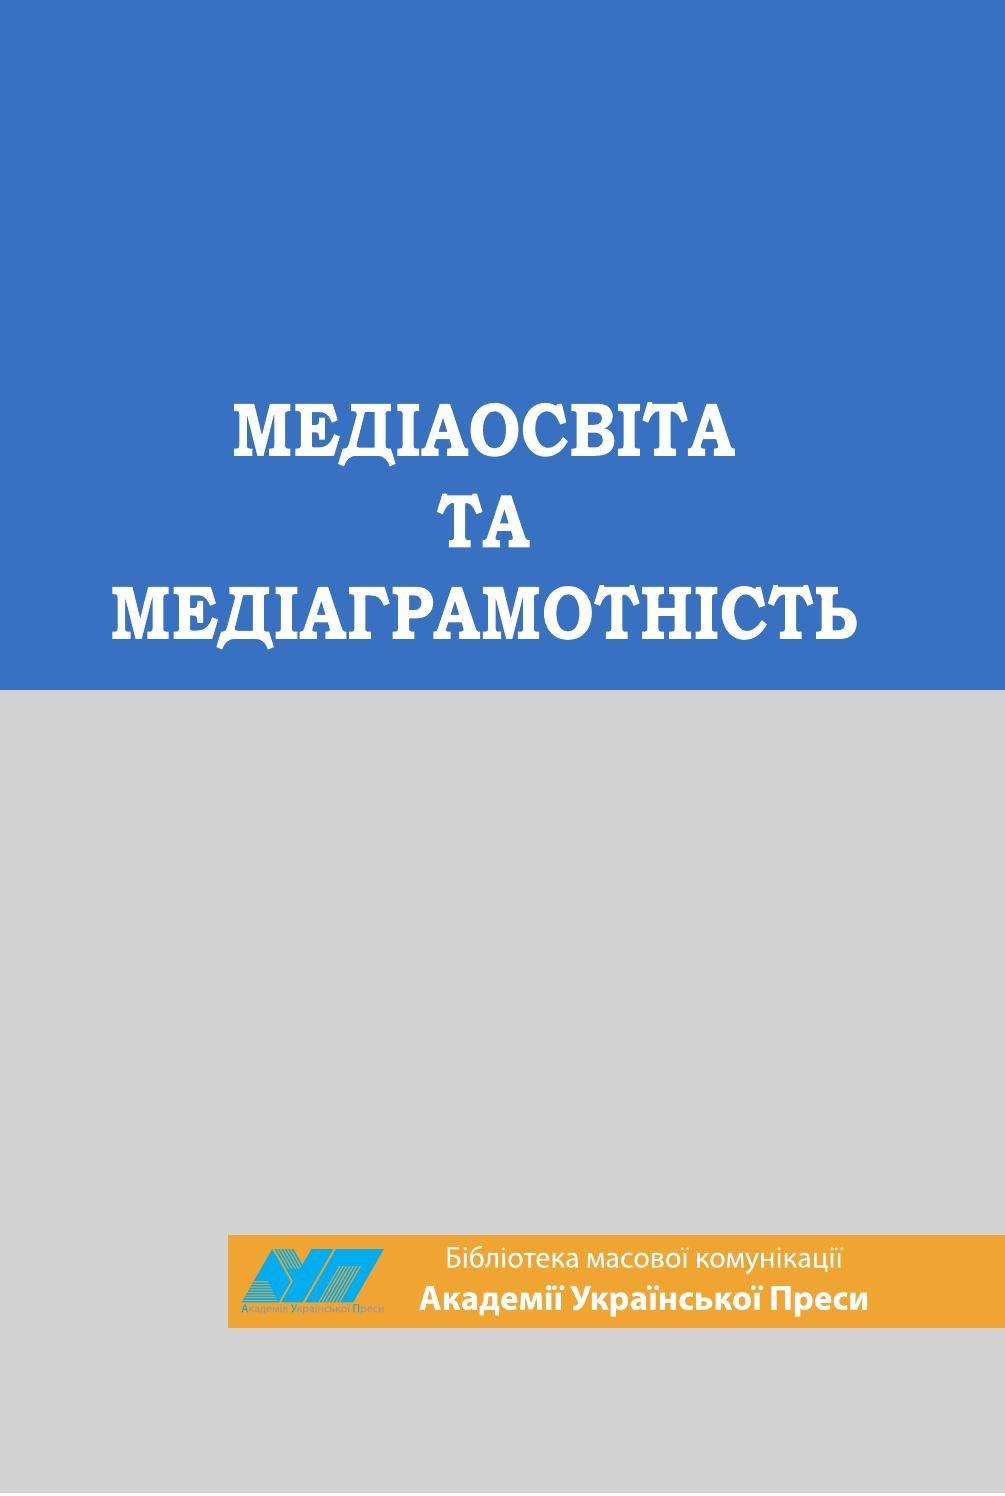 Медіаосвіта та медіаграмотність  Підручник by Міжнародний фонд